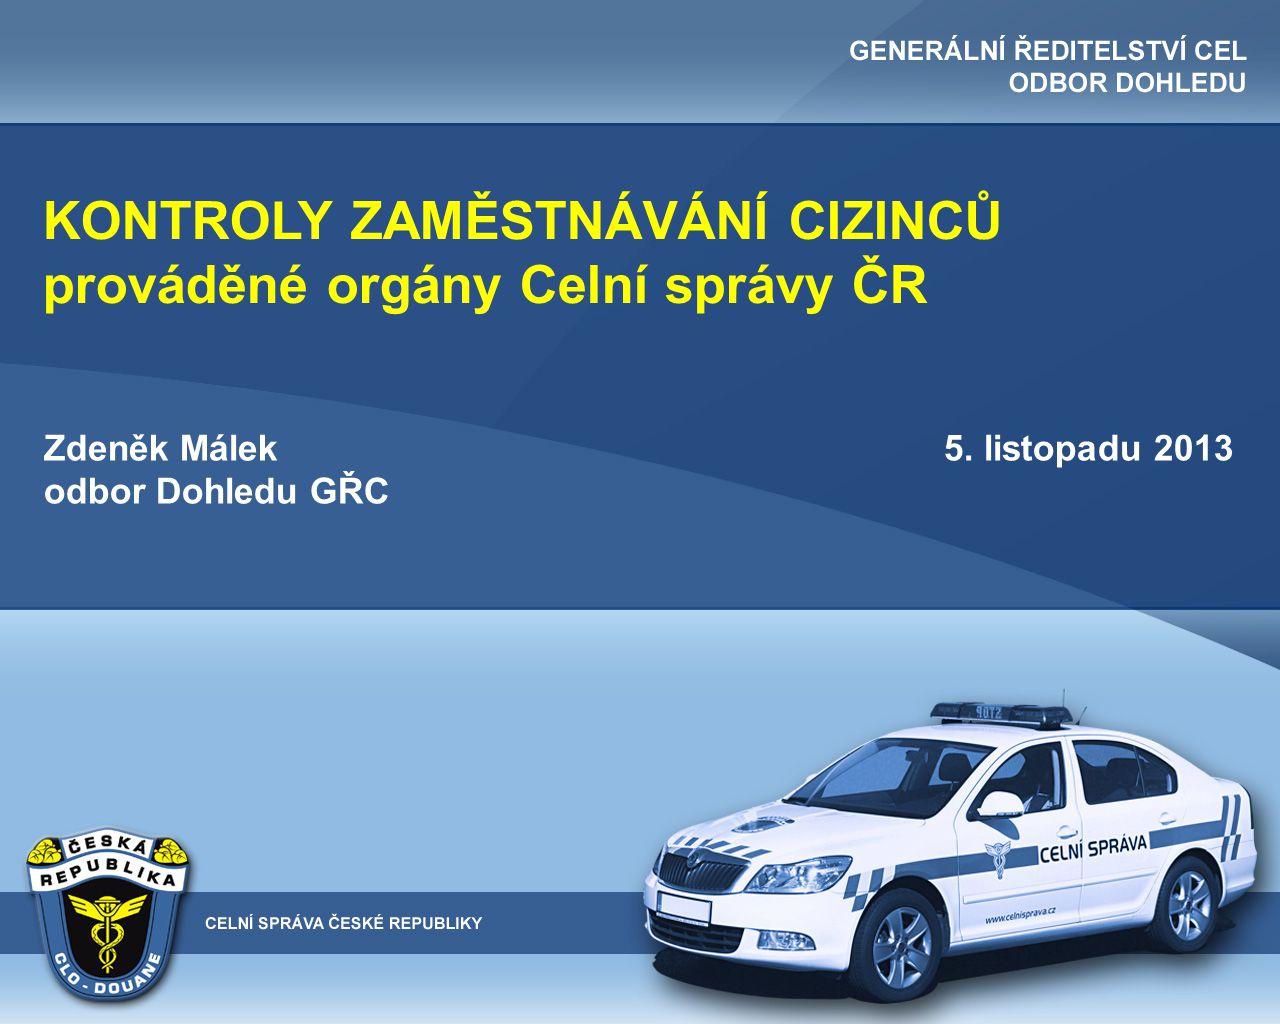 KONTROLY ZAMĚSTNÁVÁNÍ CIZINCŮ prováděné orgány Celní správy ČR Zdeněk Málek 5. listopadu 2013 odbor Dohledu GŘC